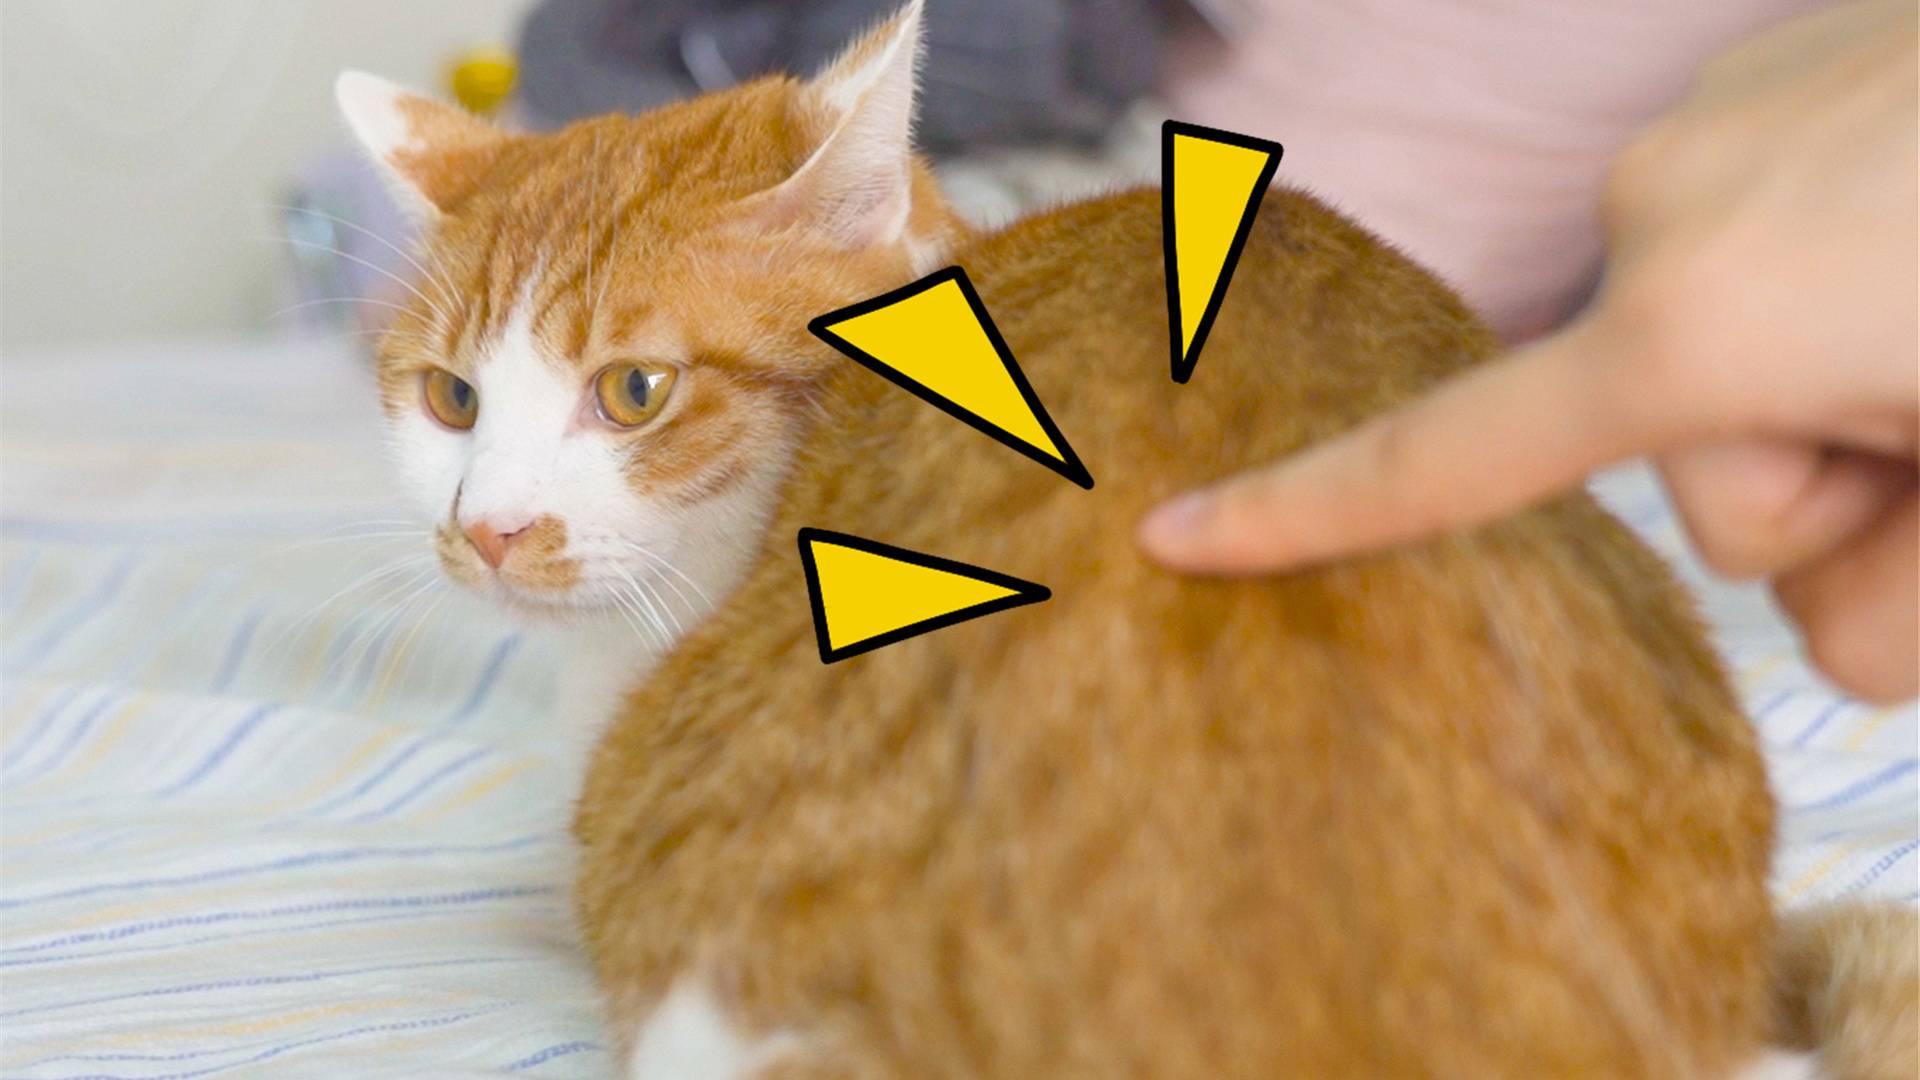 猛戳一下猫屁屁,猫会有什么反应?猫:别按我的开关!